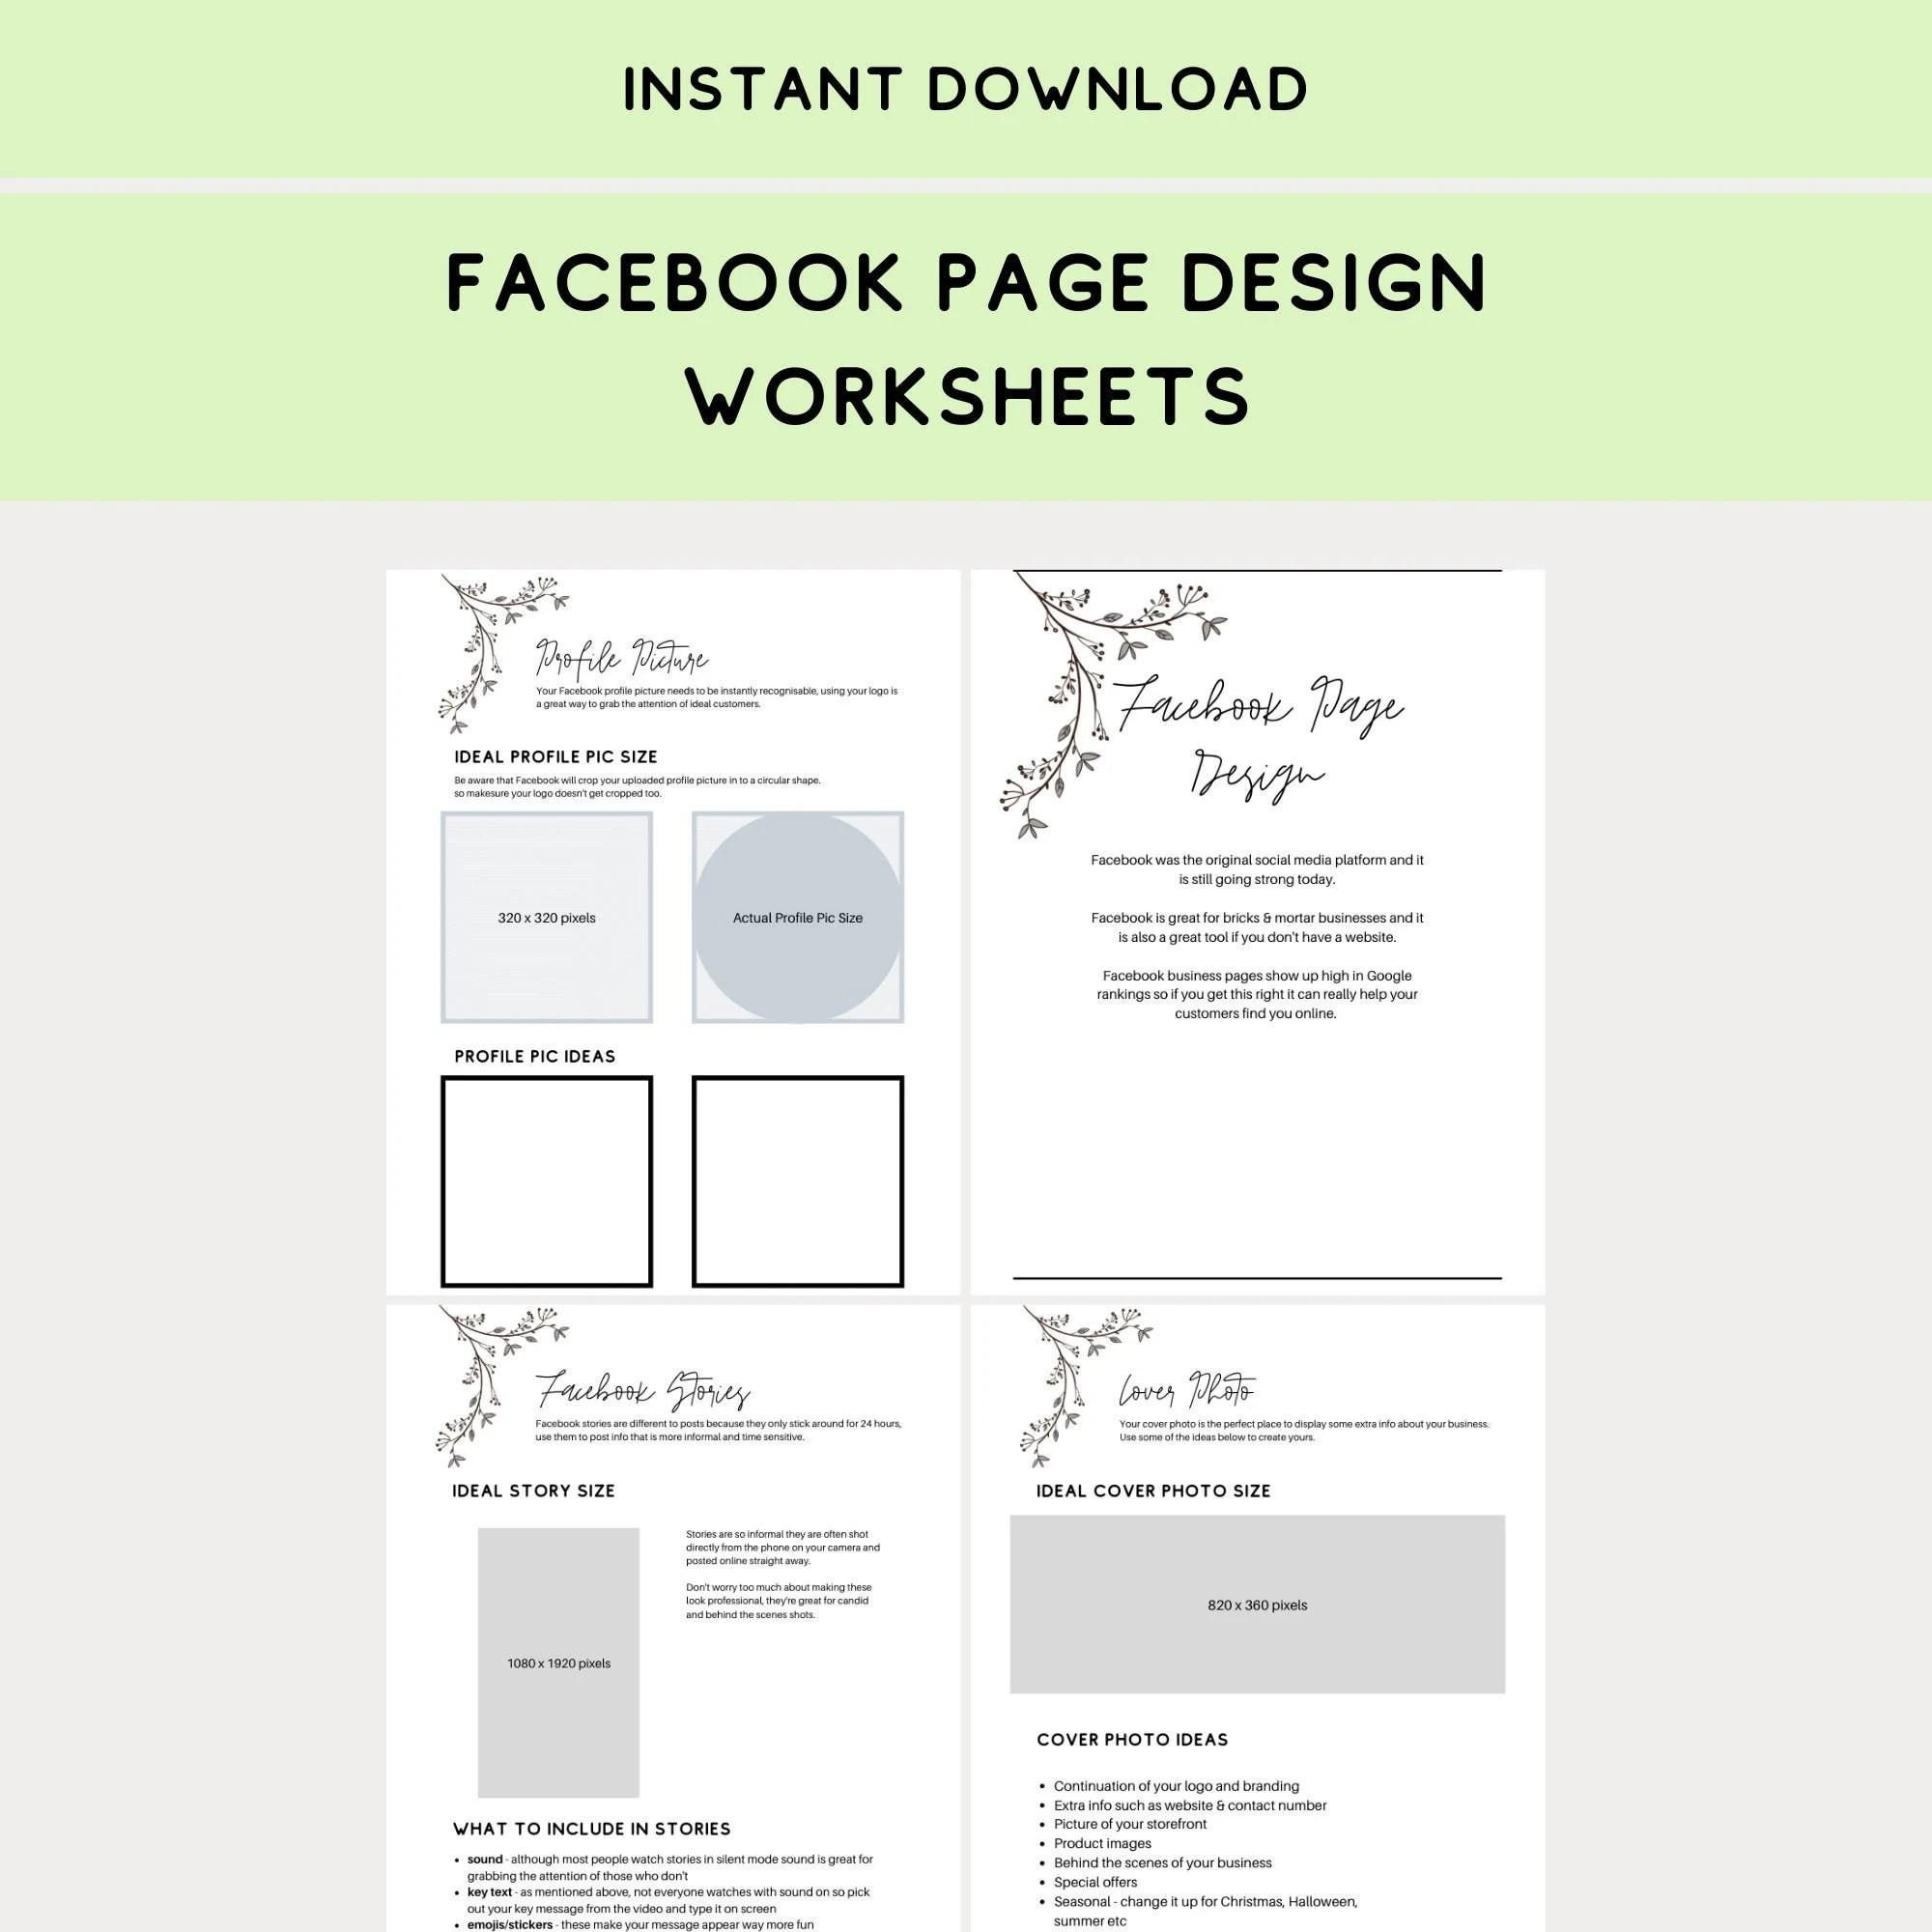 Facebook Page Design Worksheets